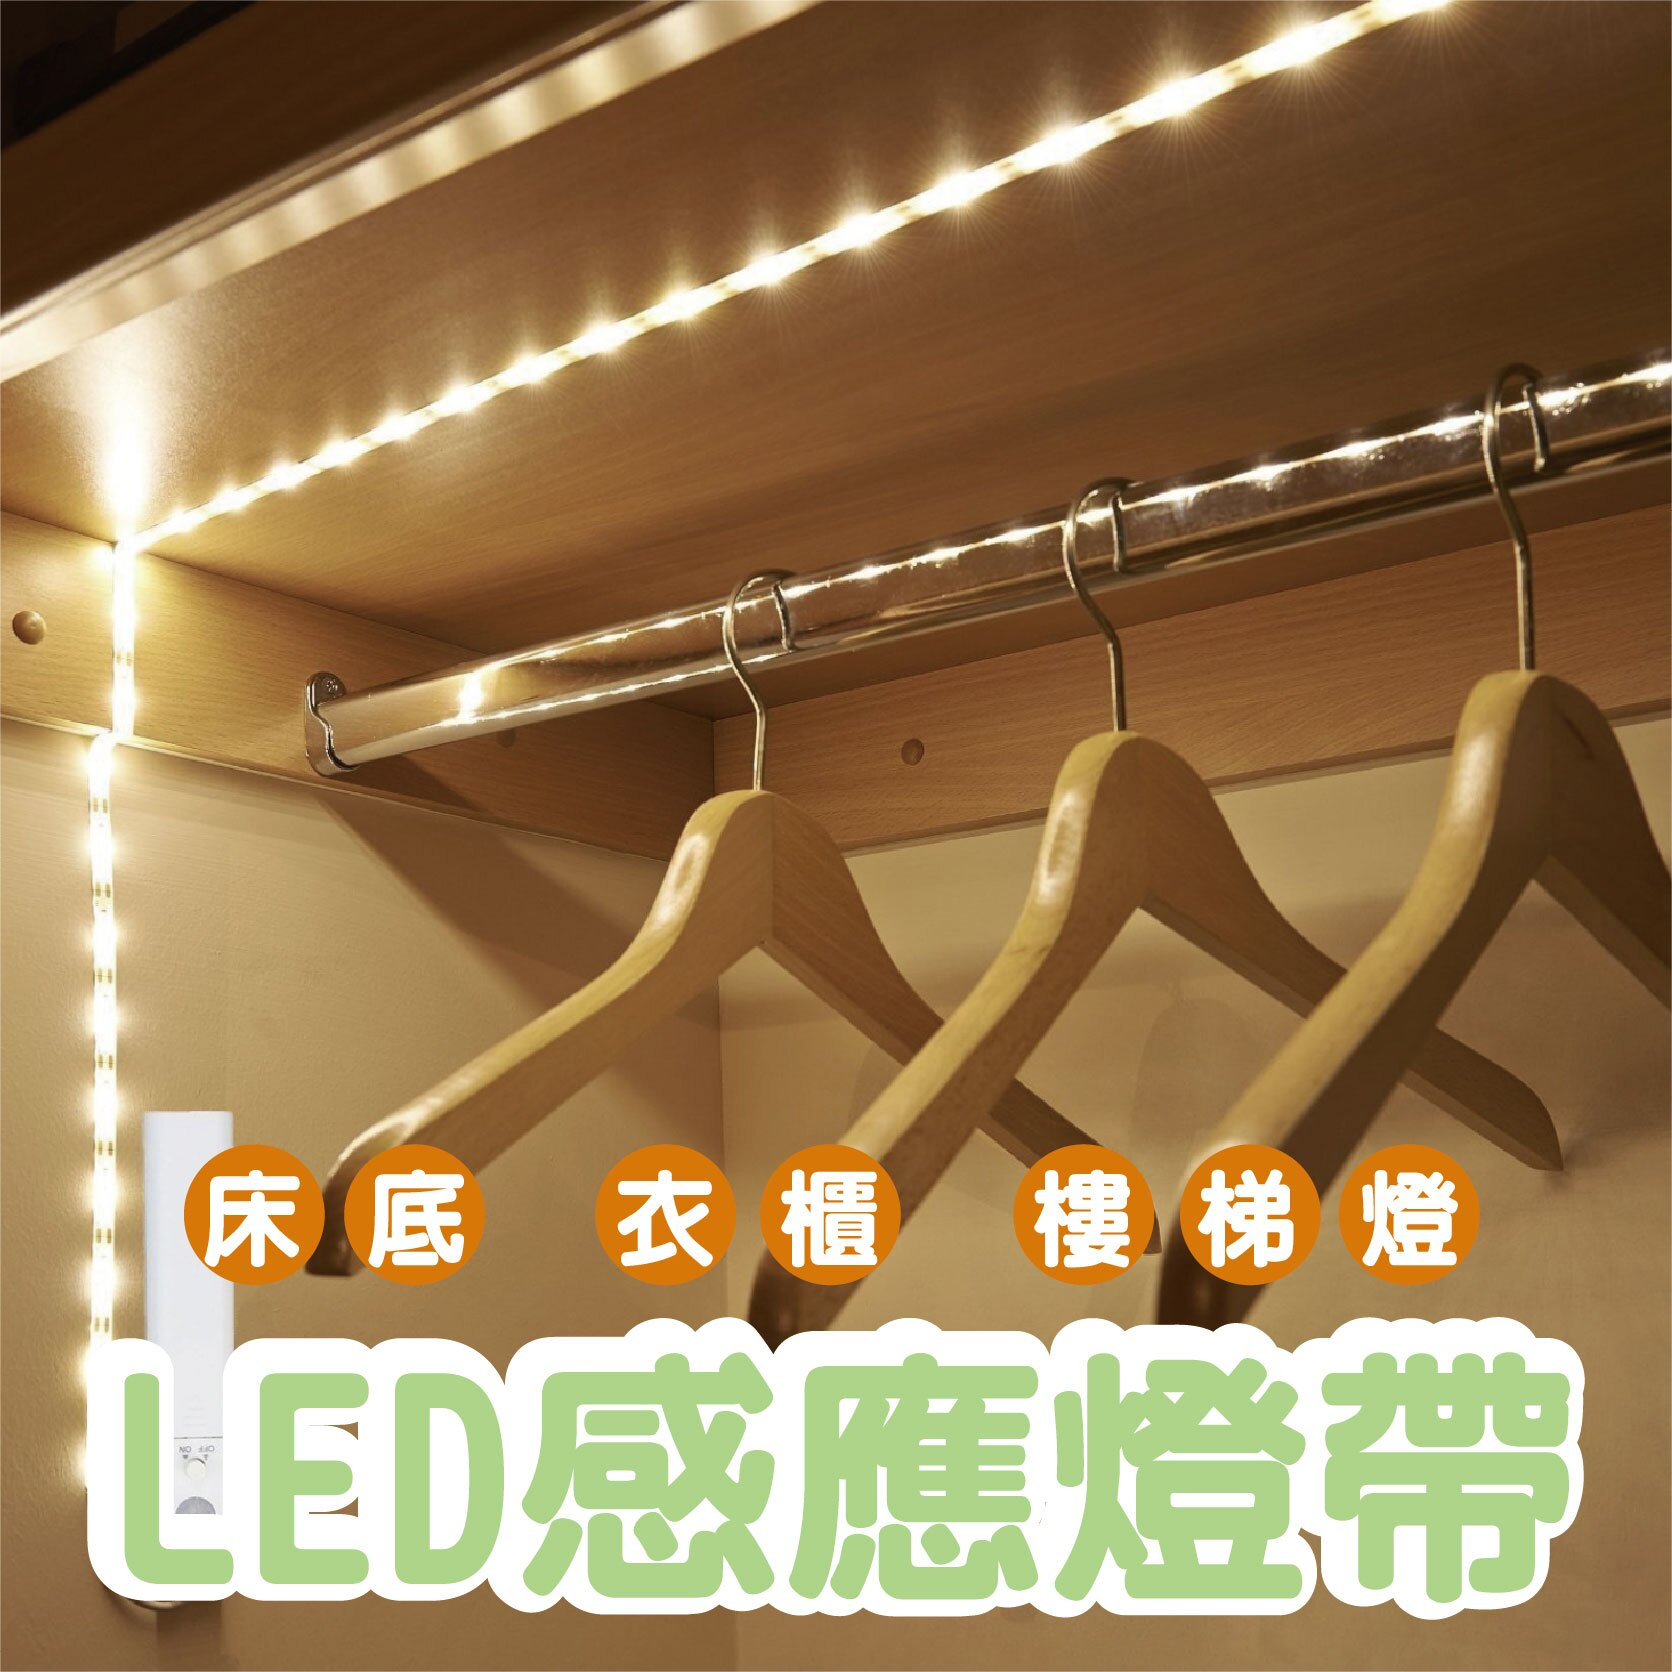 【SENHO新品】LED光控感應燈條 人體感應燈條 感應燈 led燈條 衣櫃燈 櫥櫃燈 走廊燈 小夜燈 床頭燈